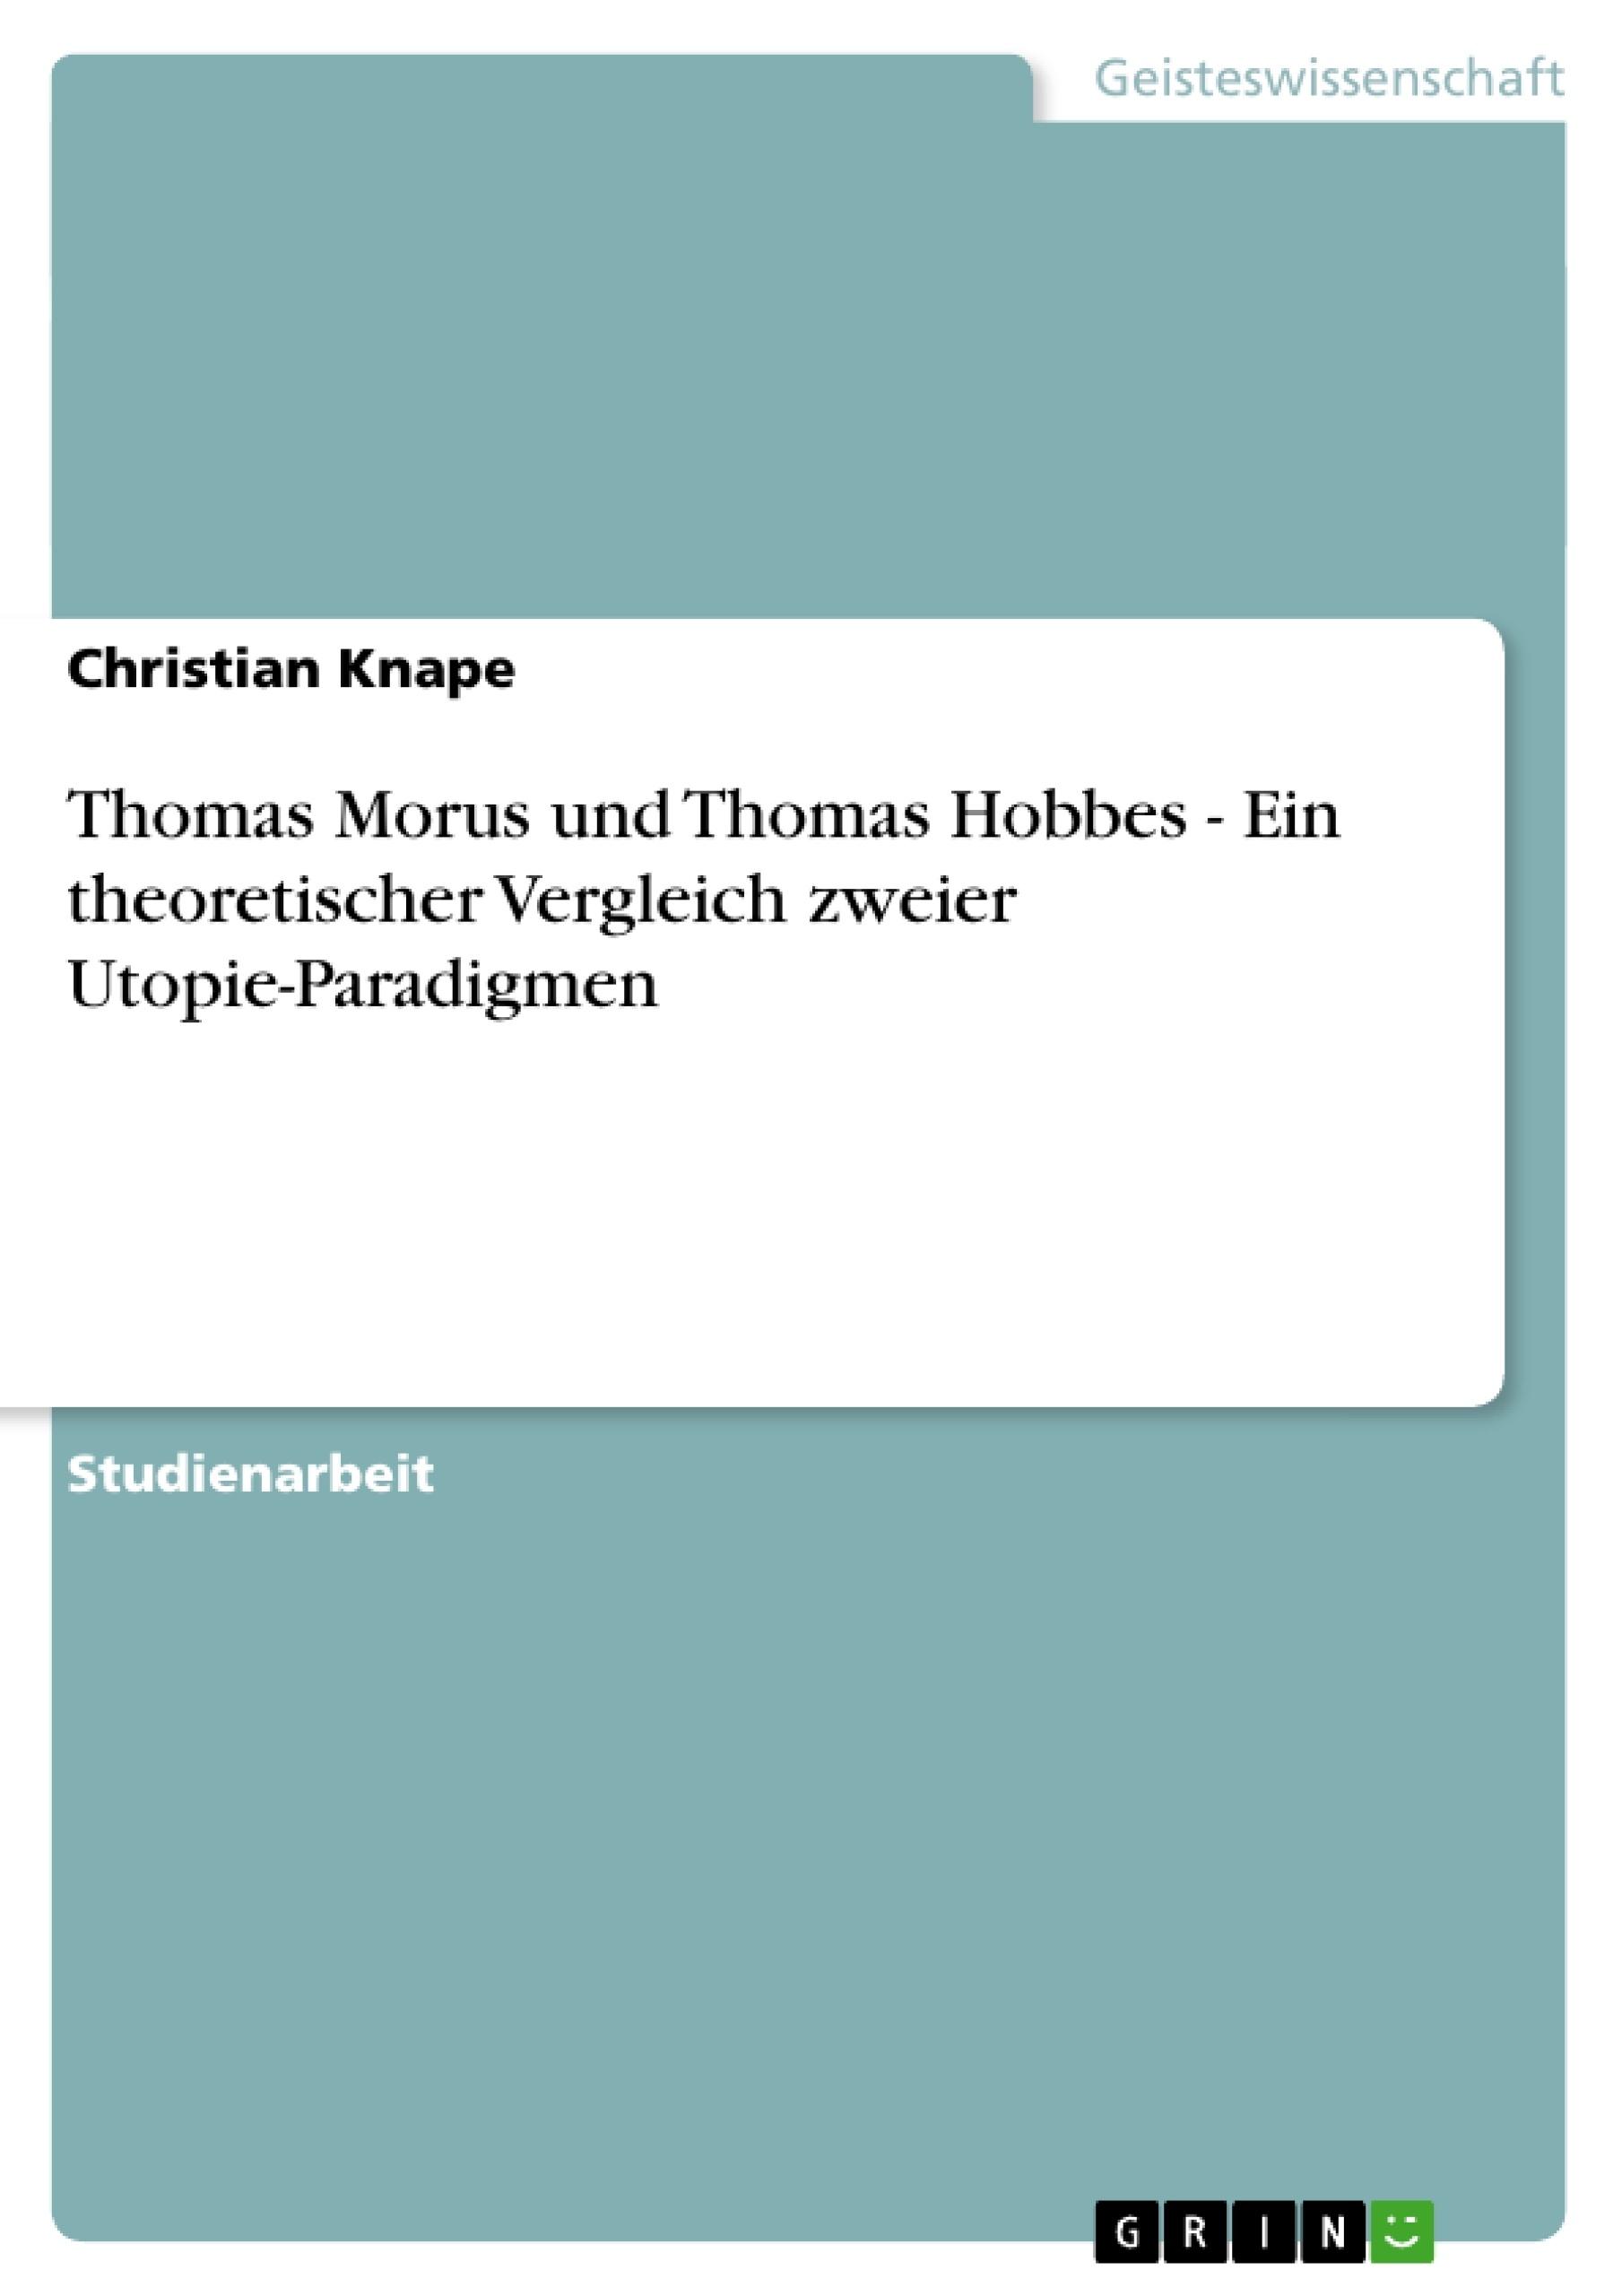 Titel: Thomas Morus und Thomas Hobbes - Ein theoretischer Vergleich zweier Utopie-Paradigmen